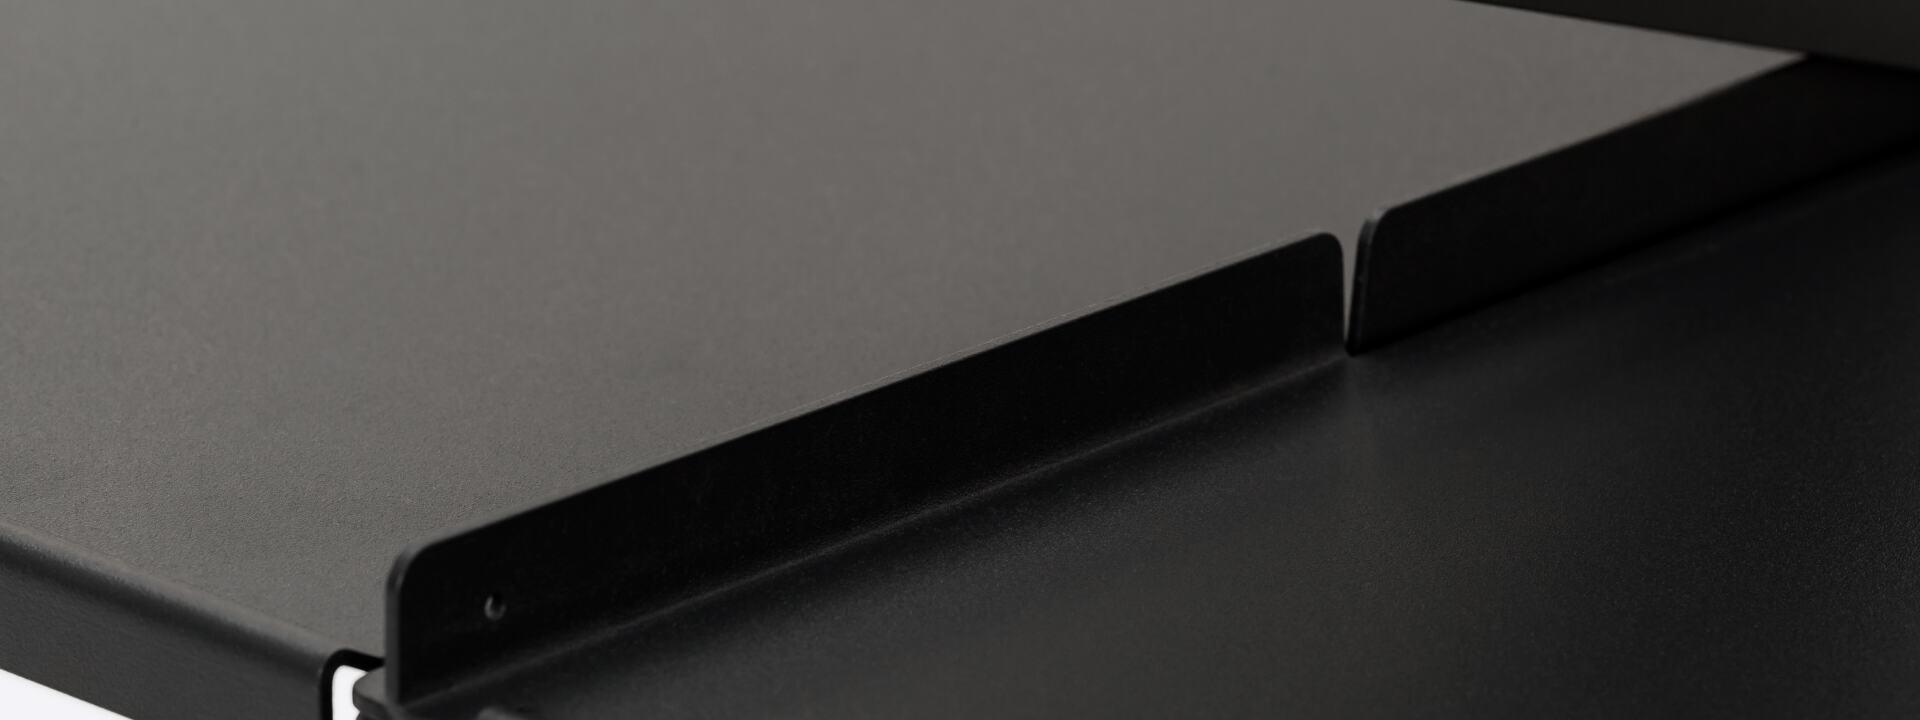 Plusminus Linoleum / MDF Shelf, Shelving System, Storage, shelves, office shelves, Linoleum, 3D, configure shelving system, shelving system